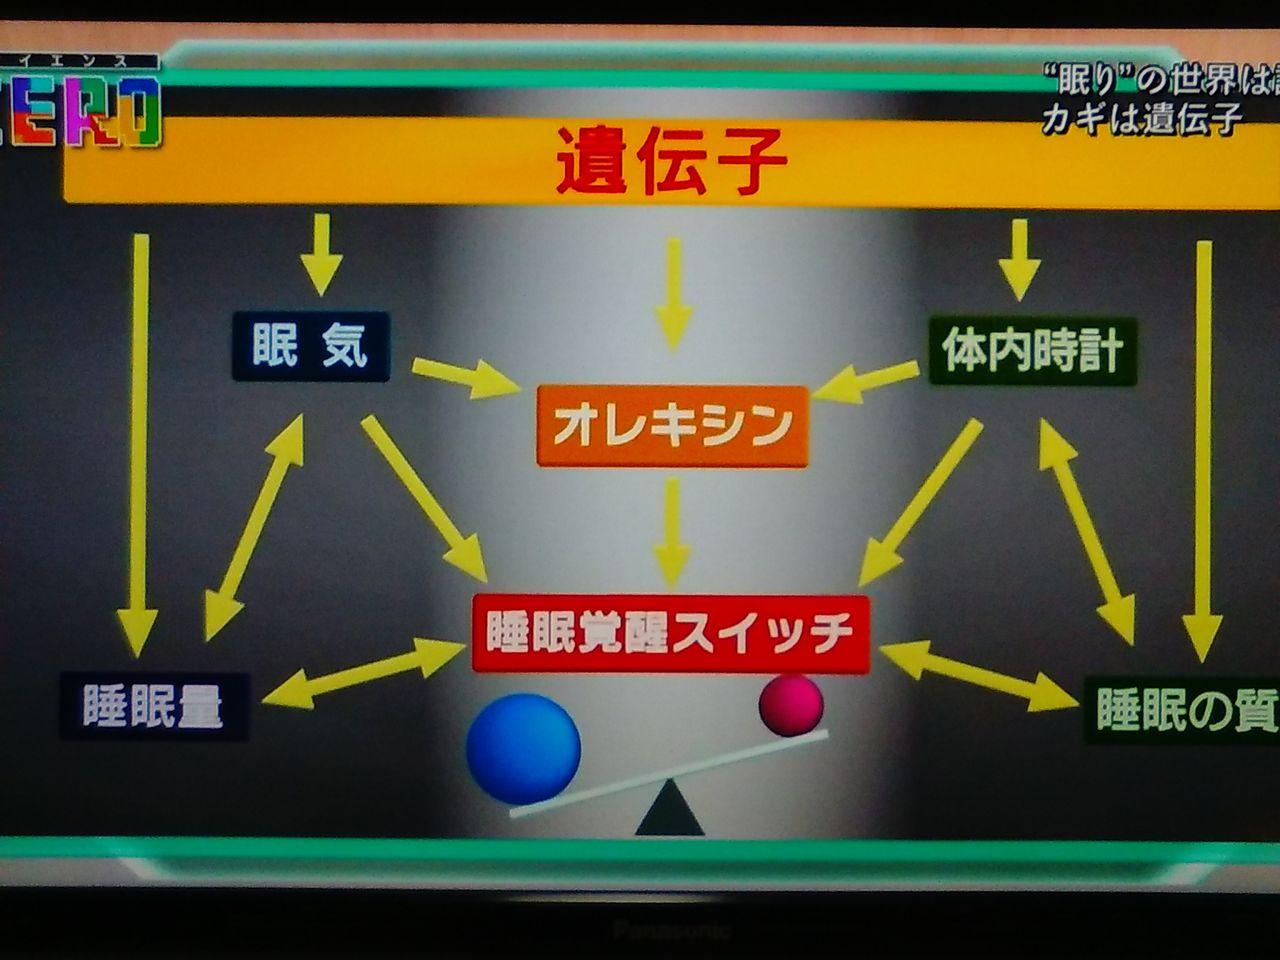 体内時計と睡眠負債 オレキシンがスイッチの切り替えを規定していることを示す図